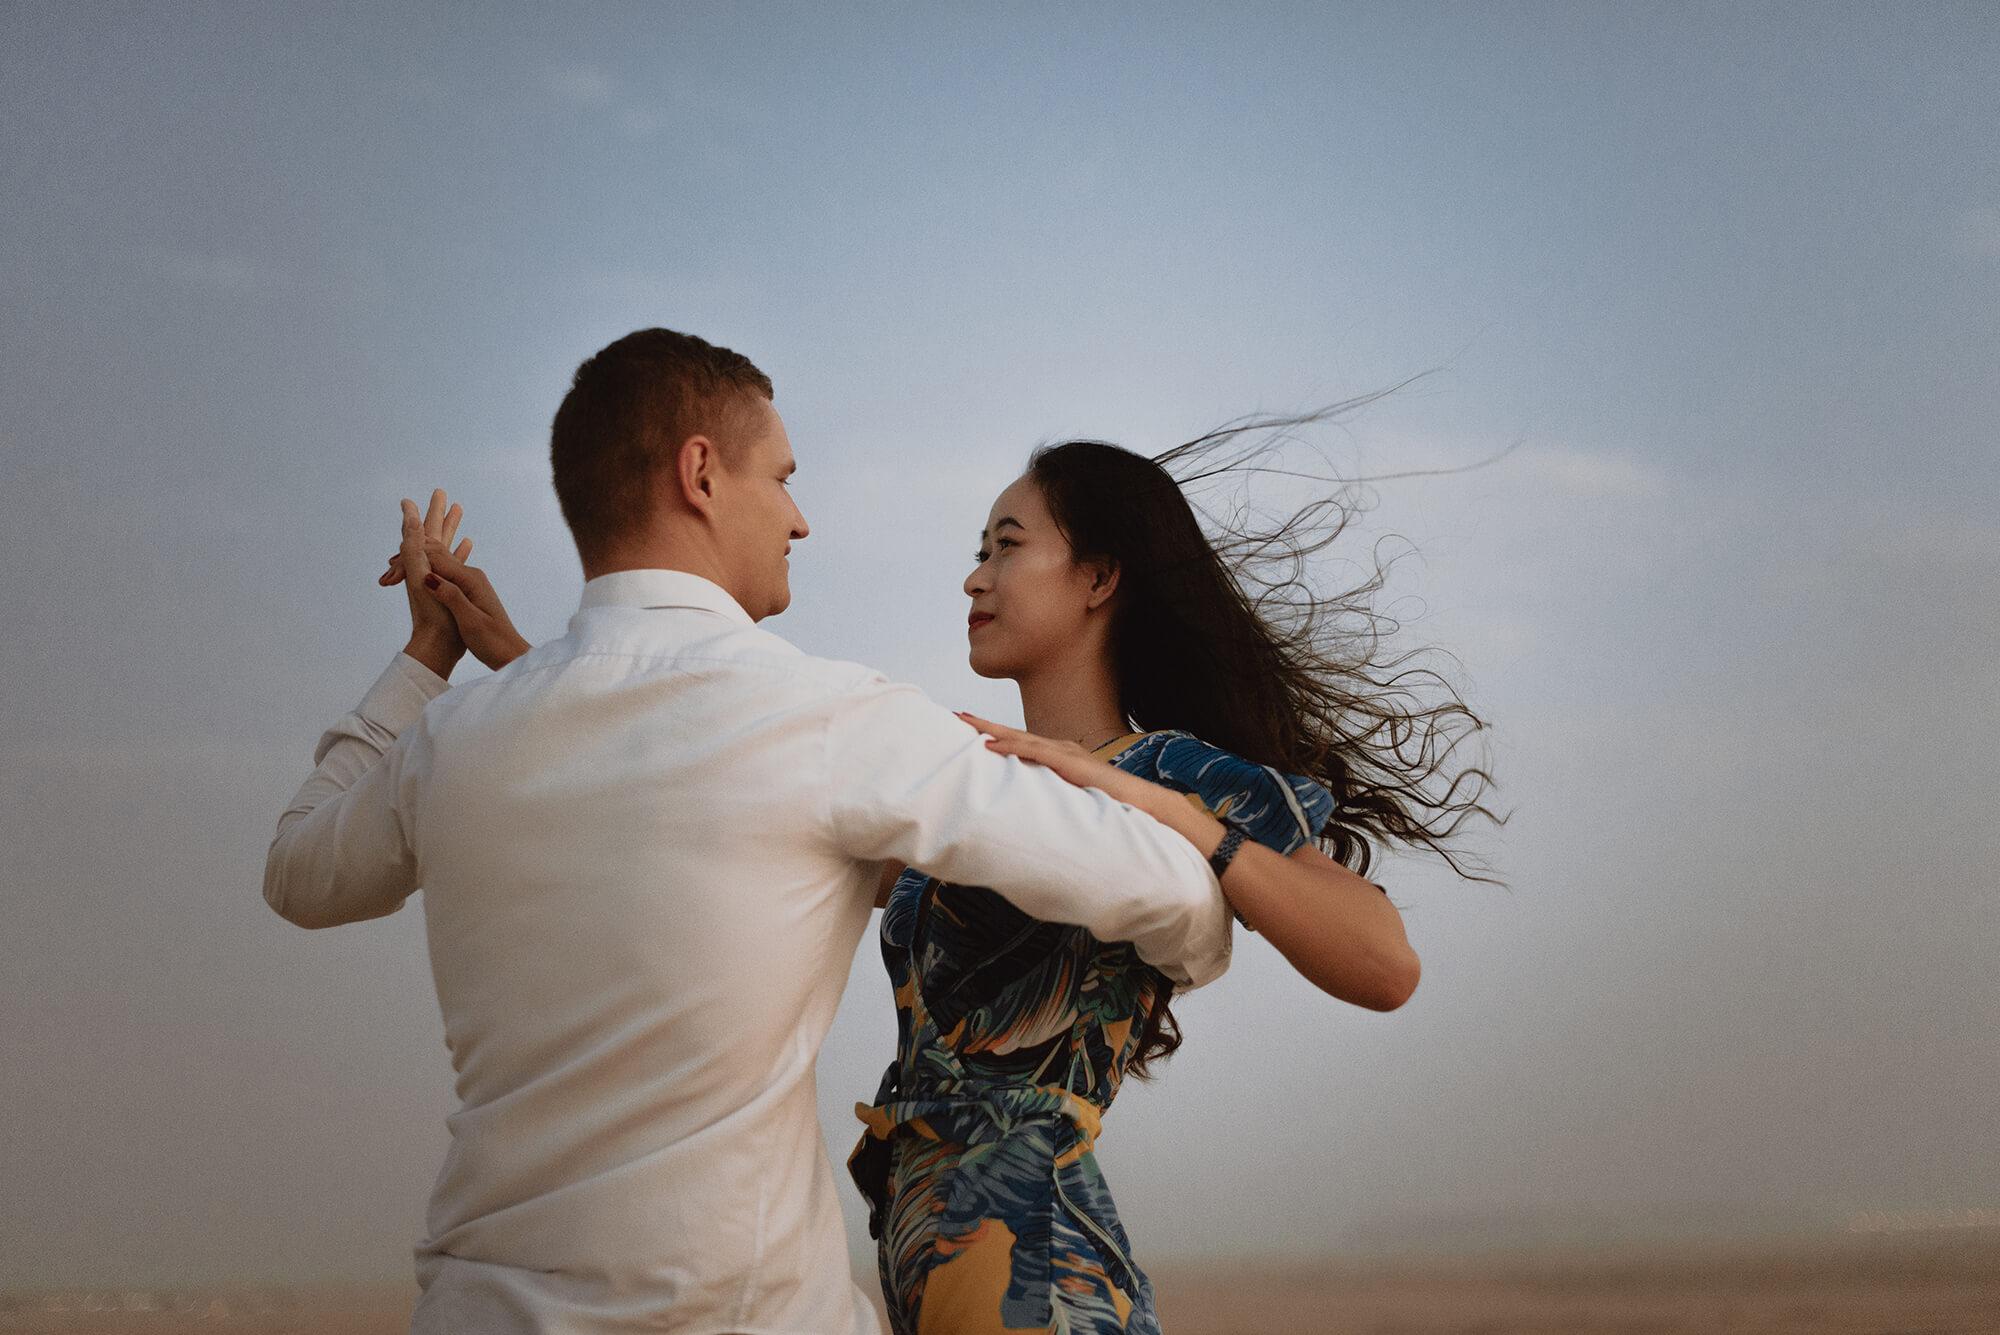 Sesja narzeczenska w dubaju30 - Citra + Kuba | miłość w Dubaju + 6 powodów dlaczego sesja narzeczeńska jest tak ważna